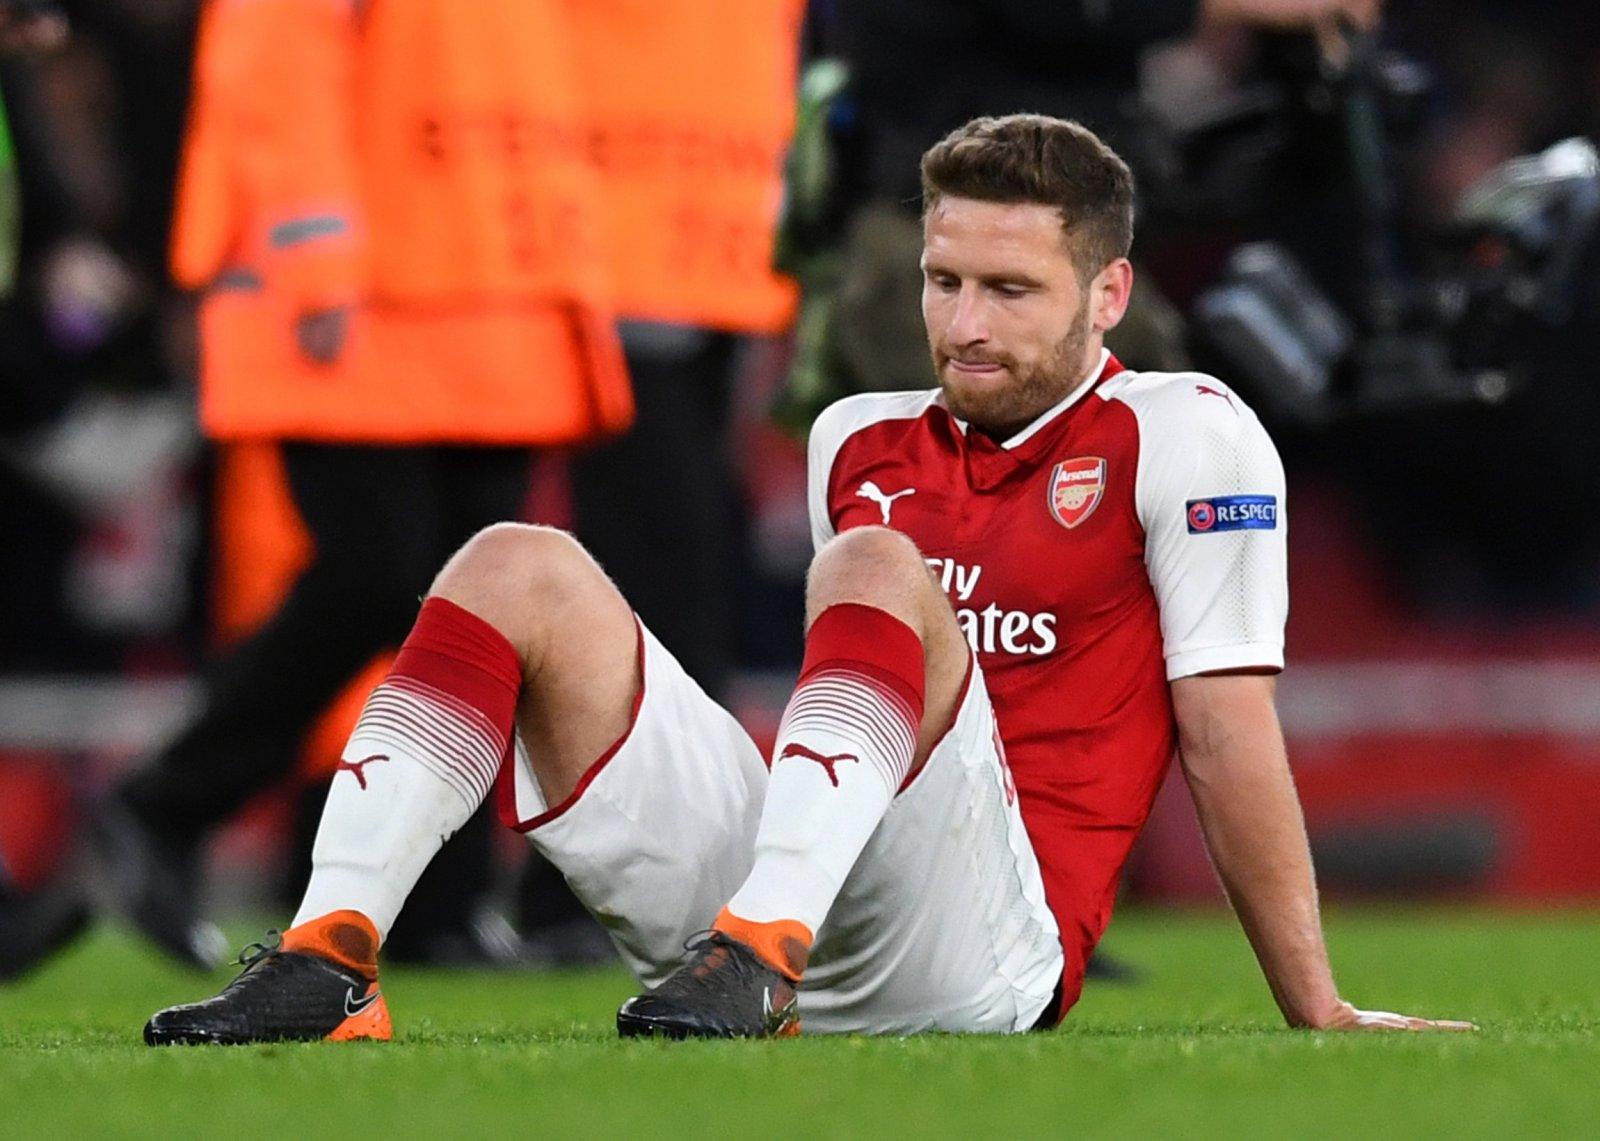 Từ vụ Mustafi: Arsenal tham lam, ngu muội đang khiến Emery ngạt thở  - Bóng Đá